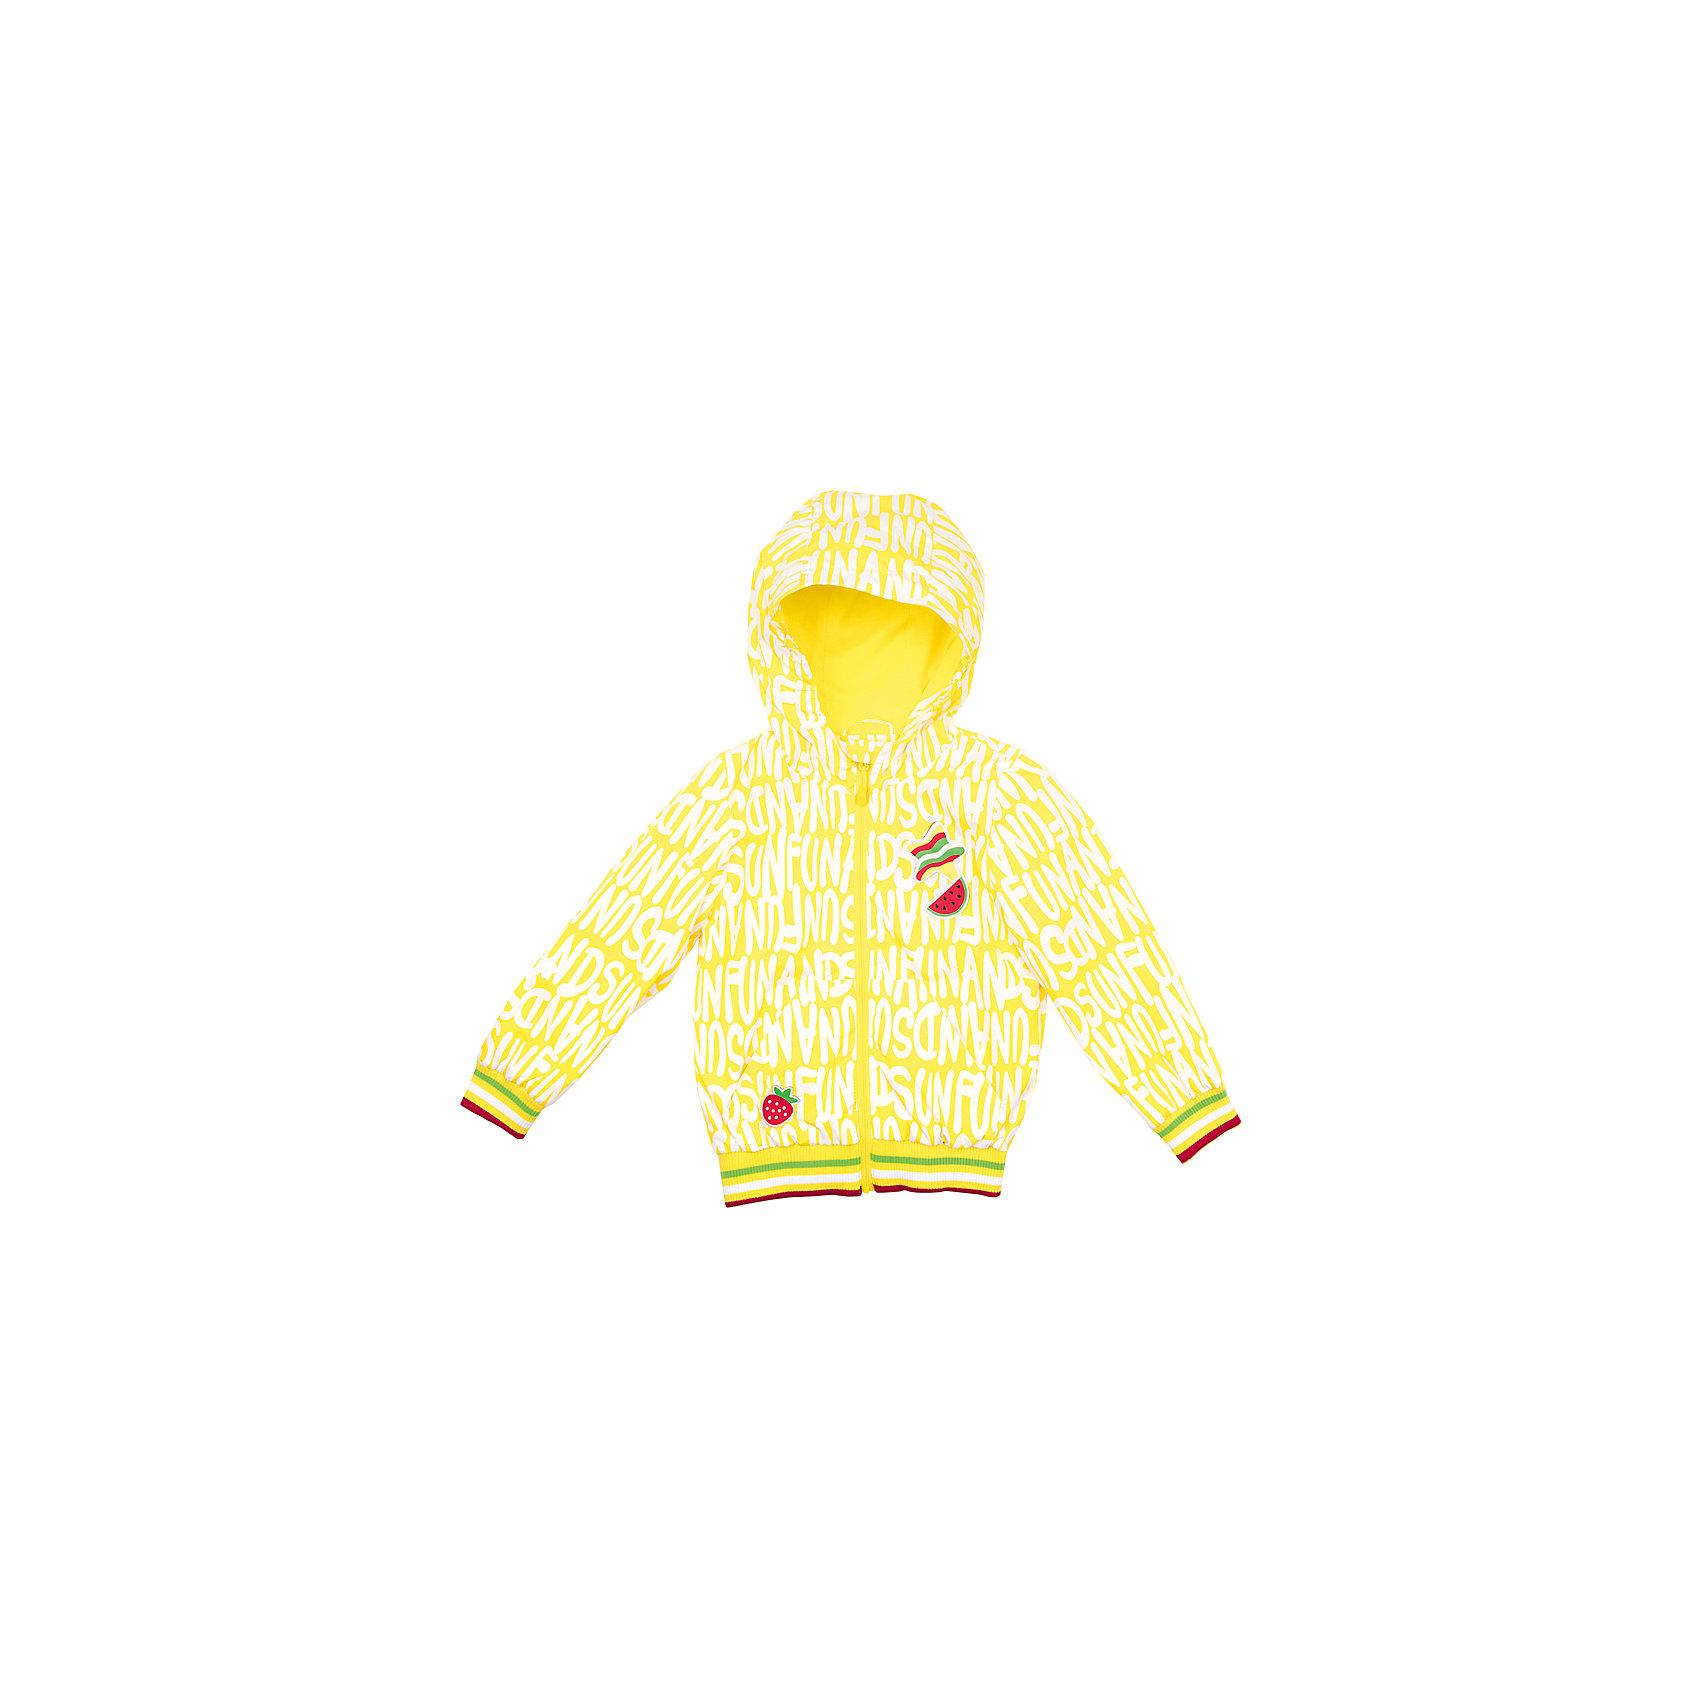 Куртка для девочки PlayTodayСицилия<br>Куртка для девочки PlayToday<br>Практичная куртка со специальной водоотталкивающей пропиткой защитит Вашего ребенка в любую погоду! Специальный карман для фиксации застежки-молнии не позволит застежке травмировать нежную кожу ребенка. Мягкие  резинки на рукавах и по низу изделия защитят Вашего ребенка - ветер не сможет проникнуть под куртку.  Модель с резинкой на капюшоне - даже во время активных игр капюшон не упадет с головы ребенка. Модель на подкладке из натуральных тканей.Преимущества: Водоооталкивающая тканьМодель с резинкой на капюшоне.Защита подбородка. Специальный карман для фиксации застежки - молнии не позволит застежке травмировать нежную кожу ребенка<br>Состав:<br>Верх: 100% полиэстер, подкладка: 60% хлопок, 40% полиэстер<br><br>Ширина мм: 356<br>Глубина мм: 10<br>Высота мм: 245<br>Вес г: 519<br>Цвет: светло-желтый<br>Возраст от месяцев: 84<br>Возраст до месяцев: 96<br>Пол: Женский<br>Возраст: Детский<br>Размер: 98,104,110,122,128,116<br>SKU: 5404382